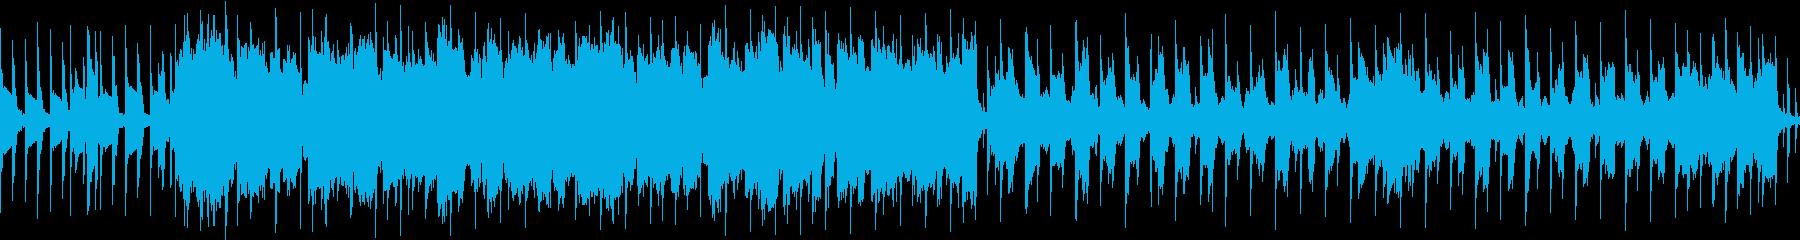 ループ版 ピコピコした感じの曲の再生済みの波形